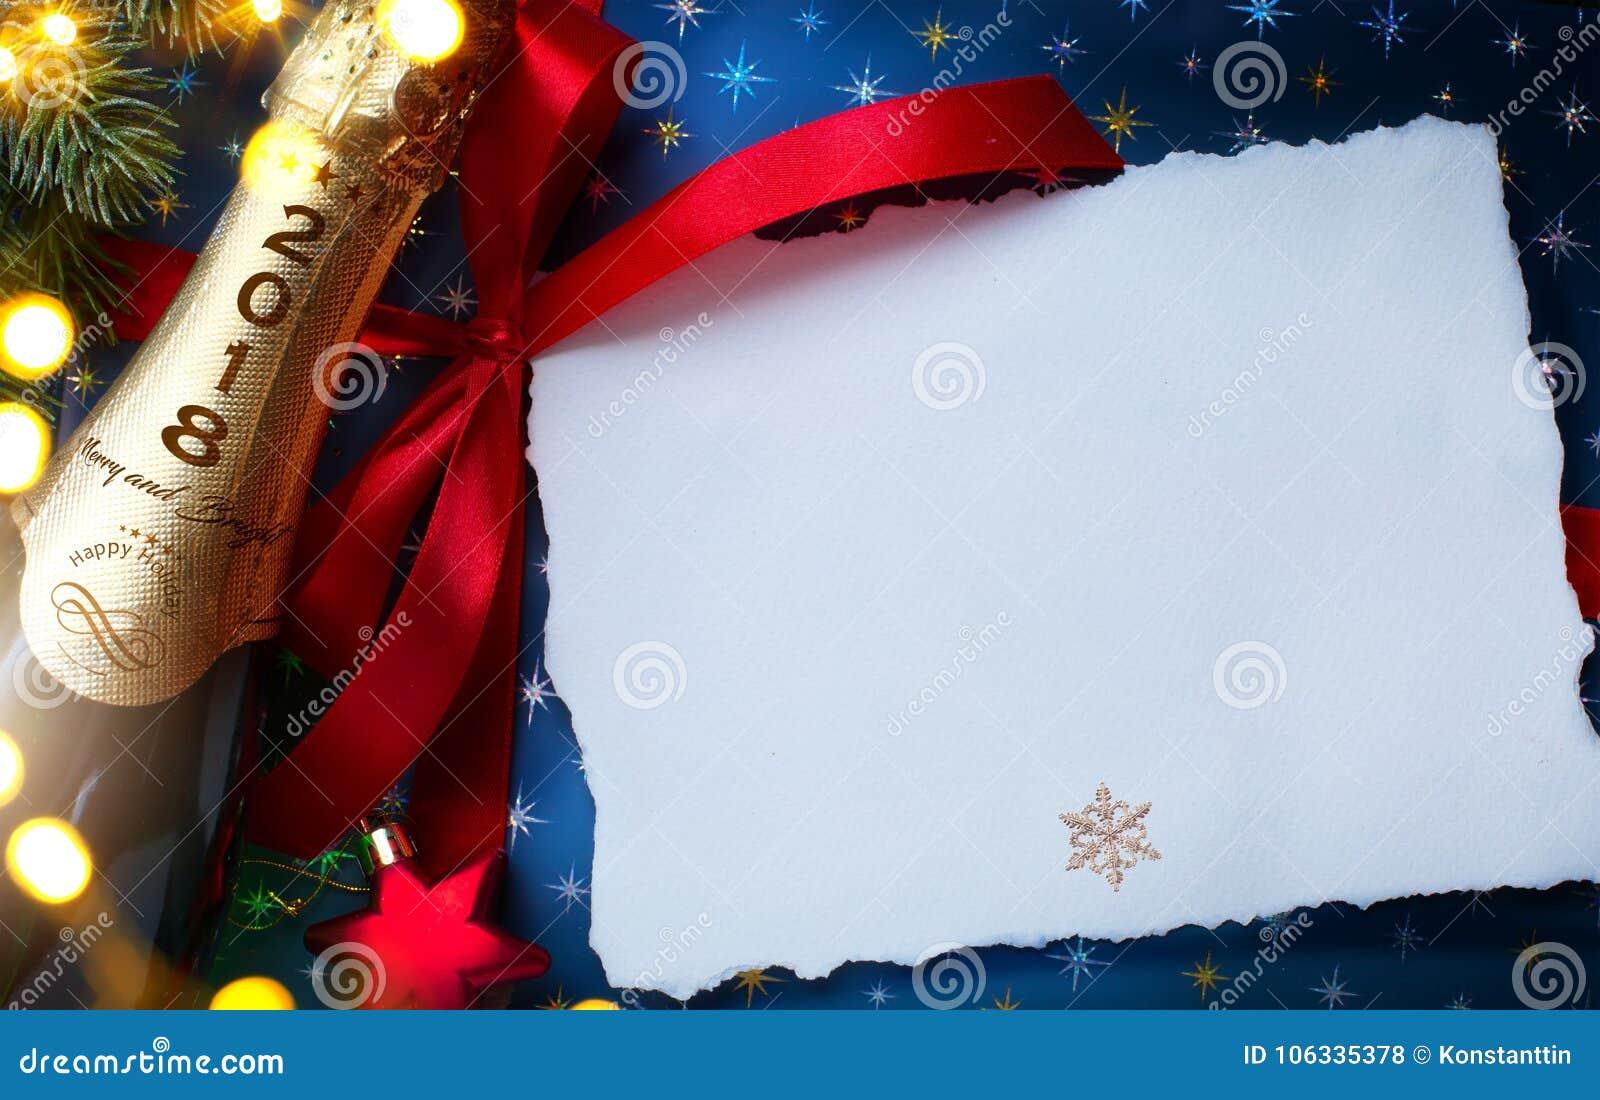 2018; Frohe Weihnachten und guten Rutsch ins Neue Jahr; festliches Partei backgrou